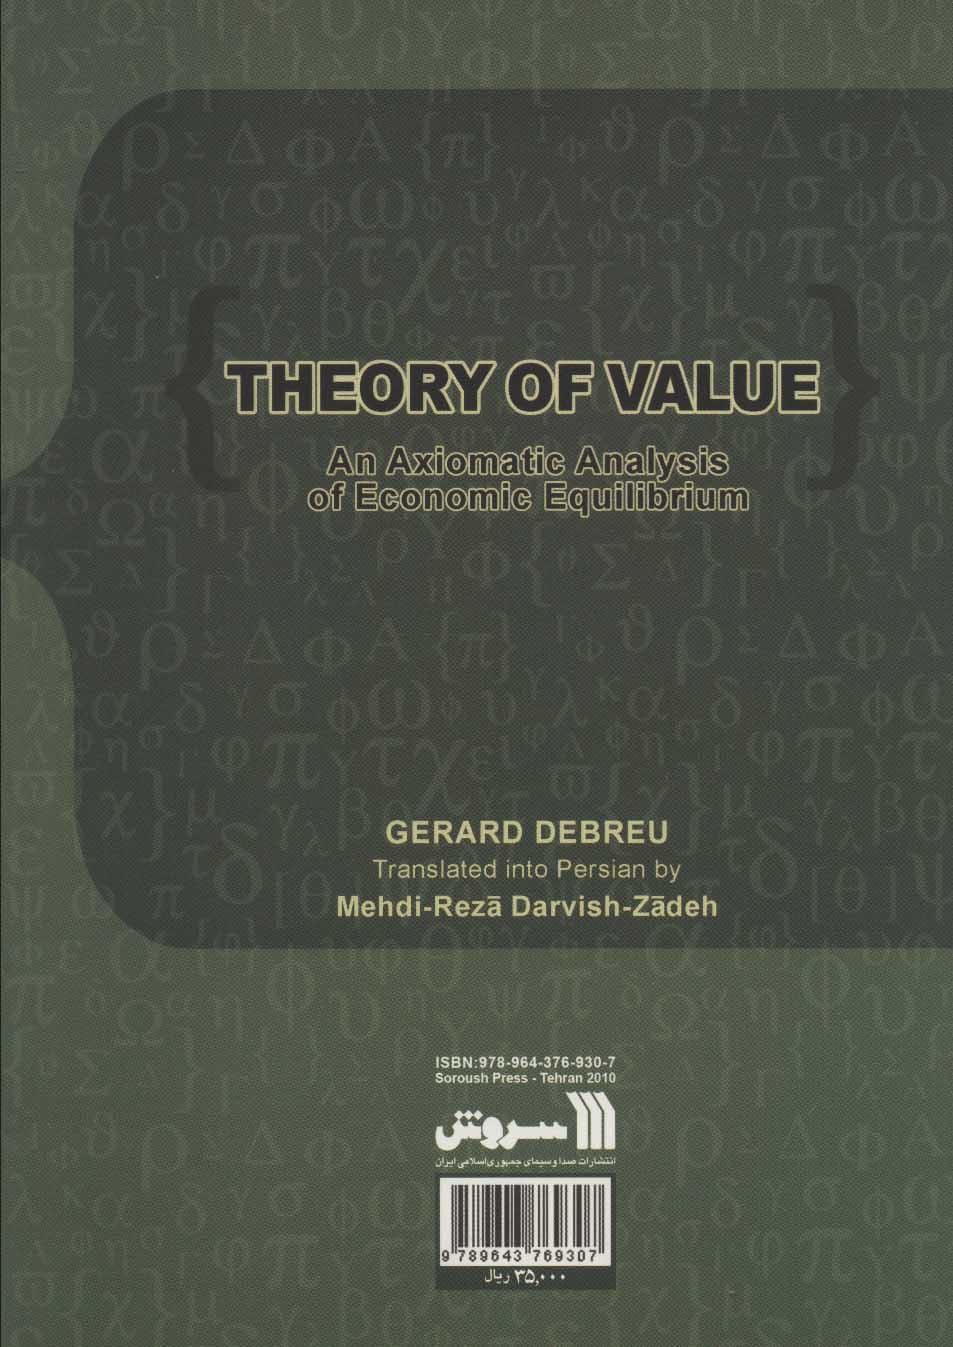 نظریه ارزش تحلیل ریاضی تعادل اقتصادی